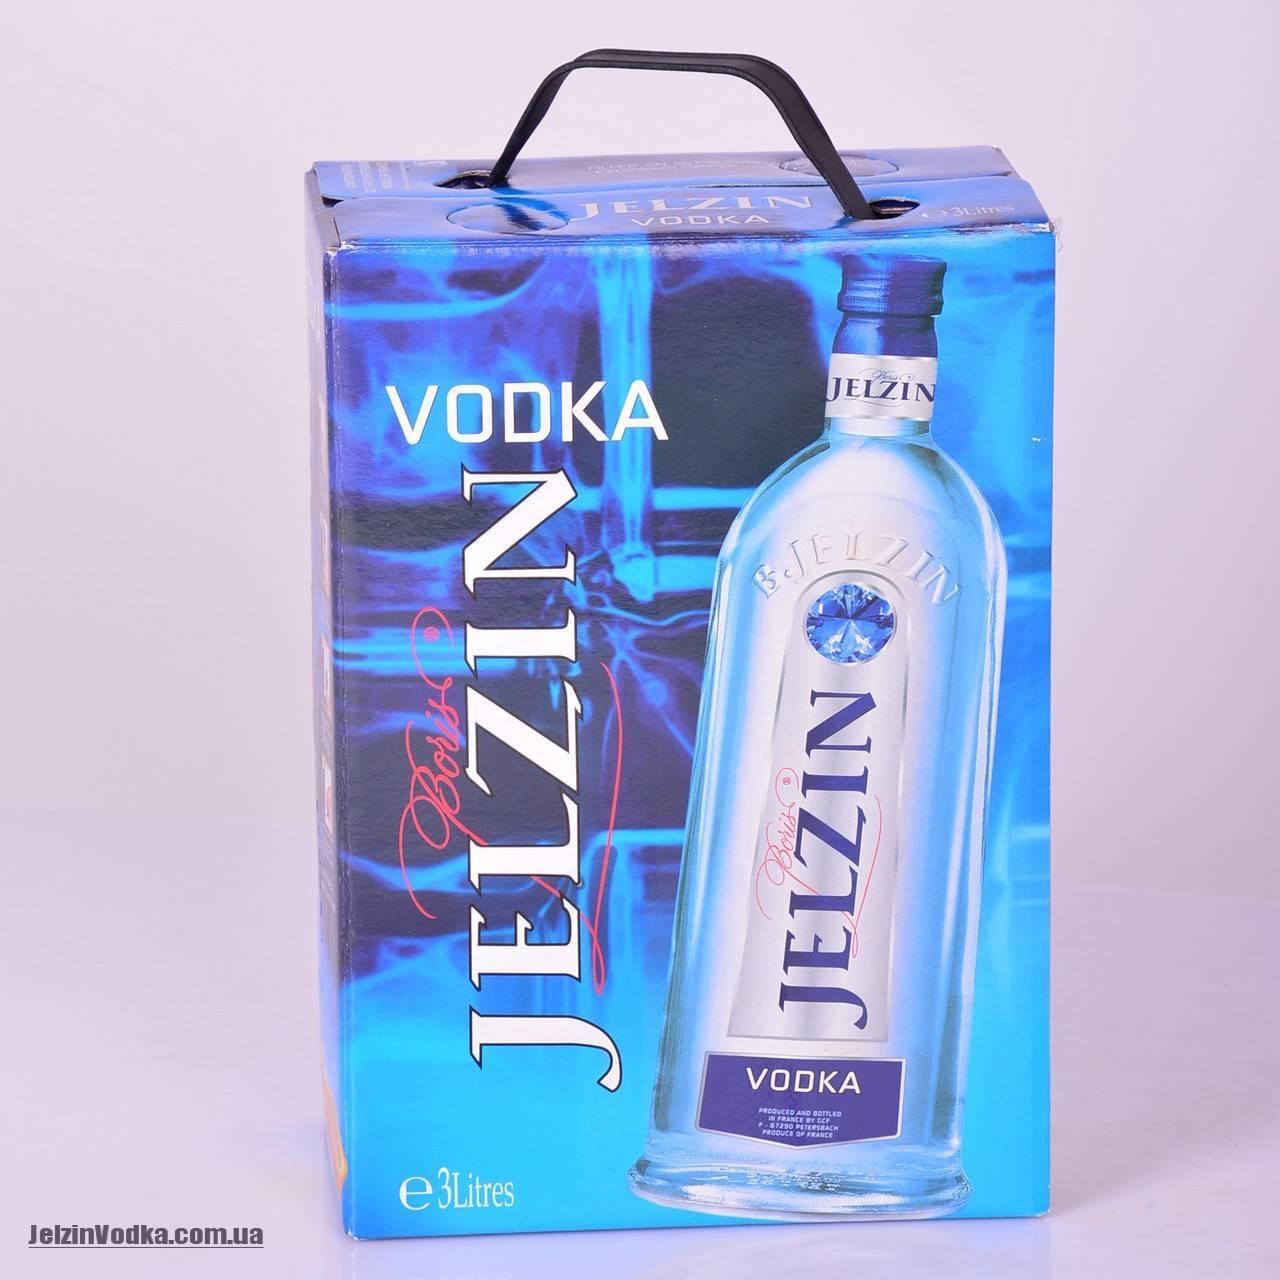 Употребление ельциным алкоголя — циклопедия